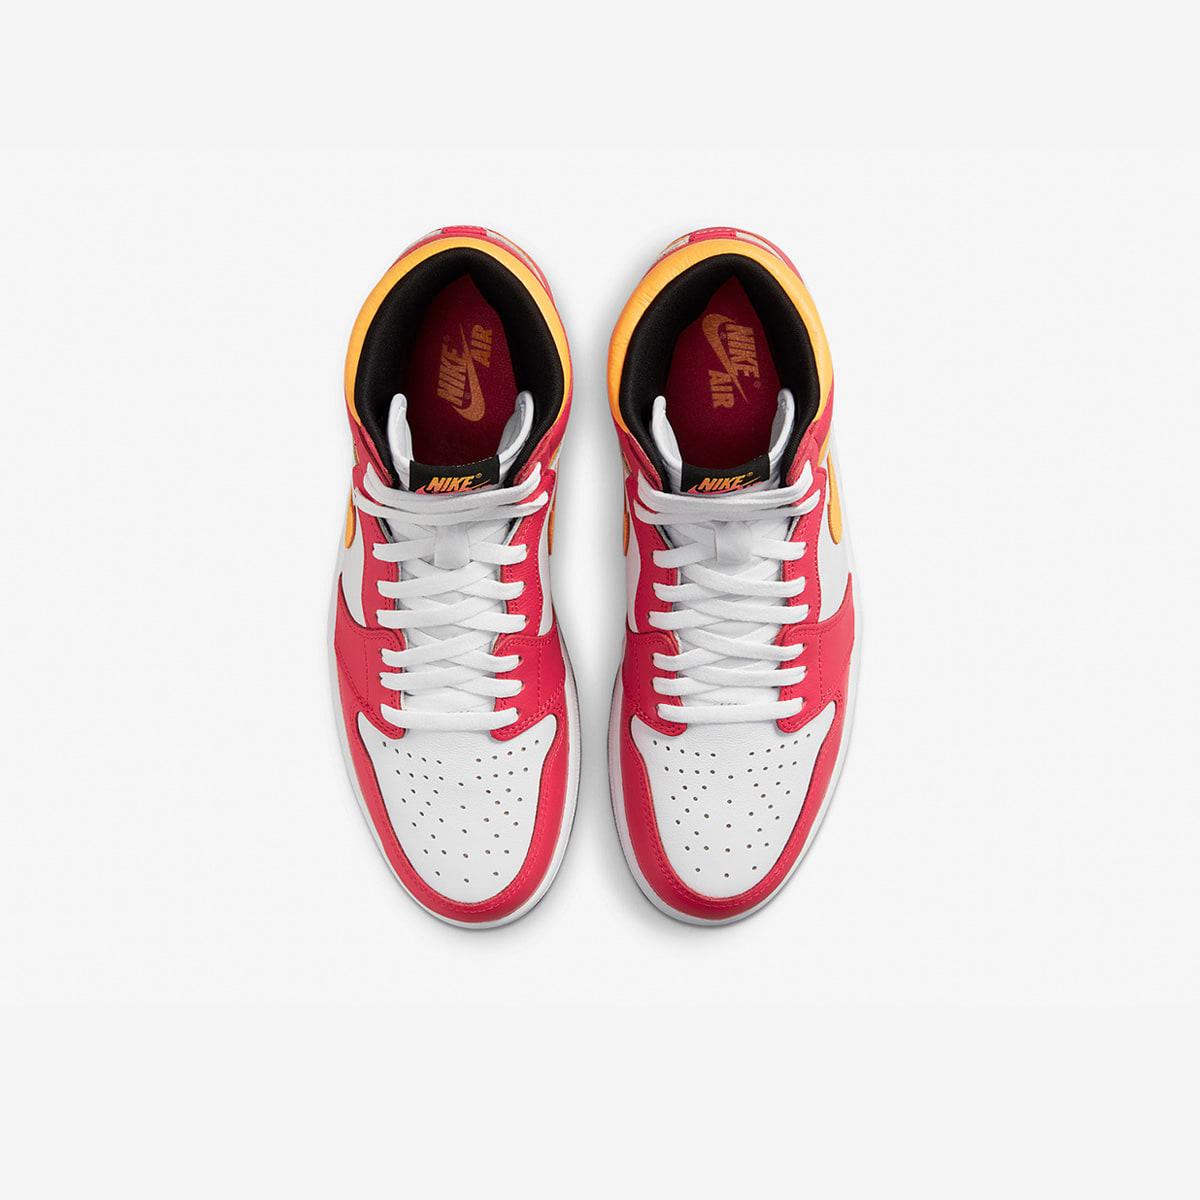 Air Jordan 1 Retro High OG - 555088-603